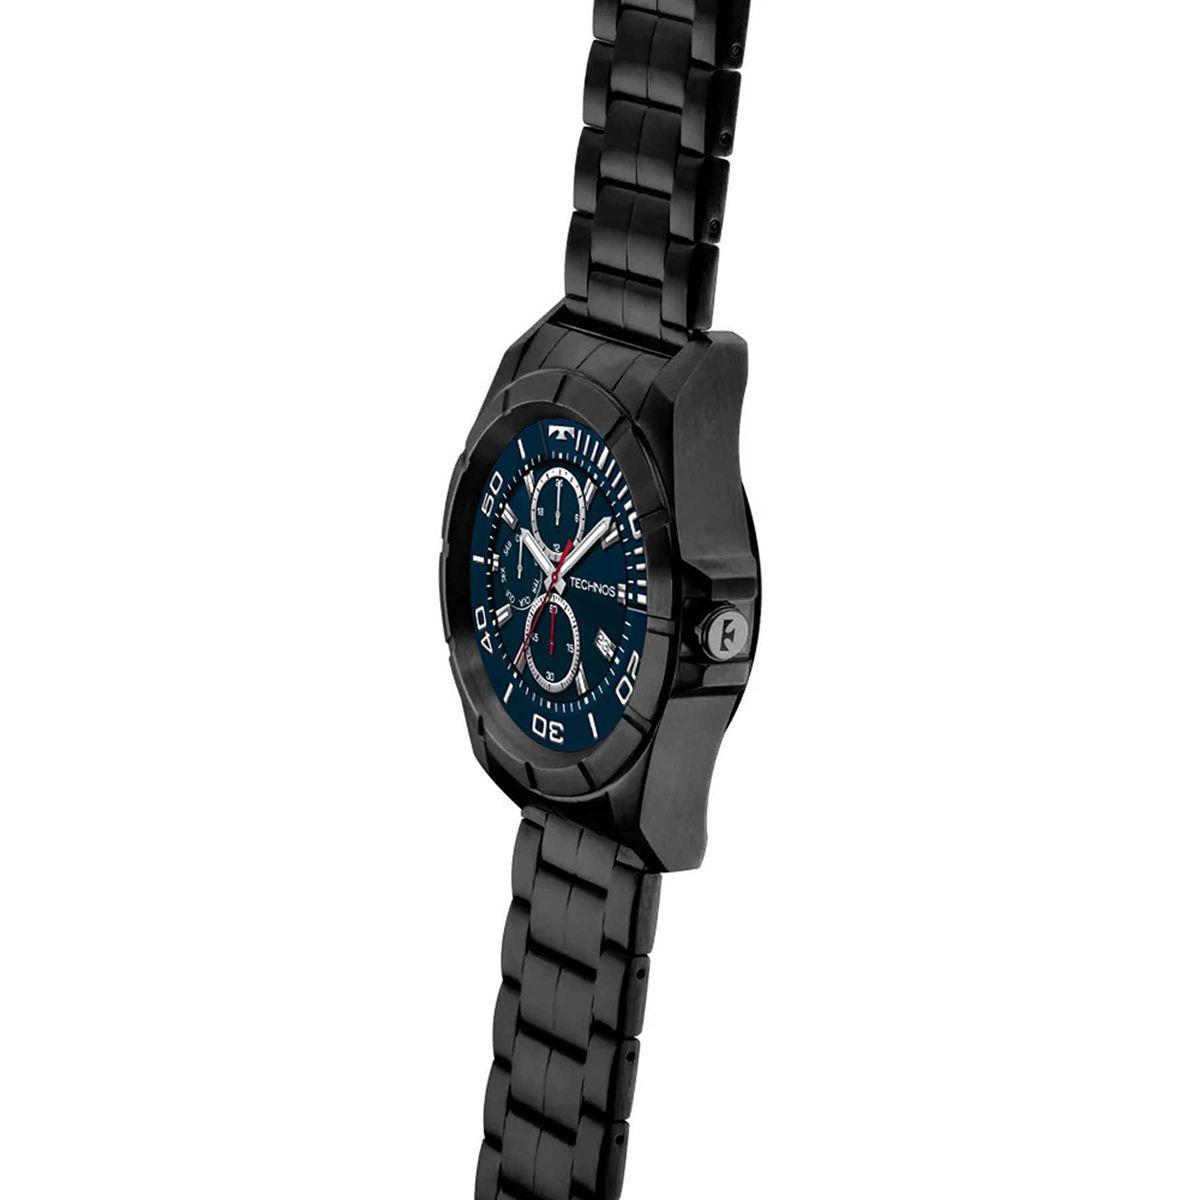 Relógio Technos Skydriver Masculino Smartwatch Troca Pulseira SRAC 4P R   1.239,00 à vista. Adicionar à sacola 5a2416687a